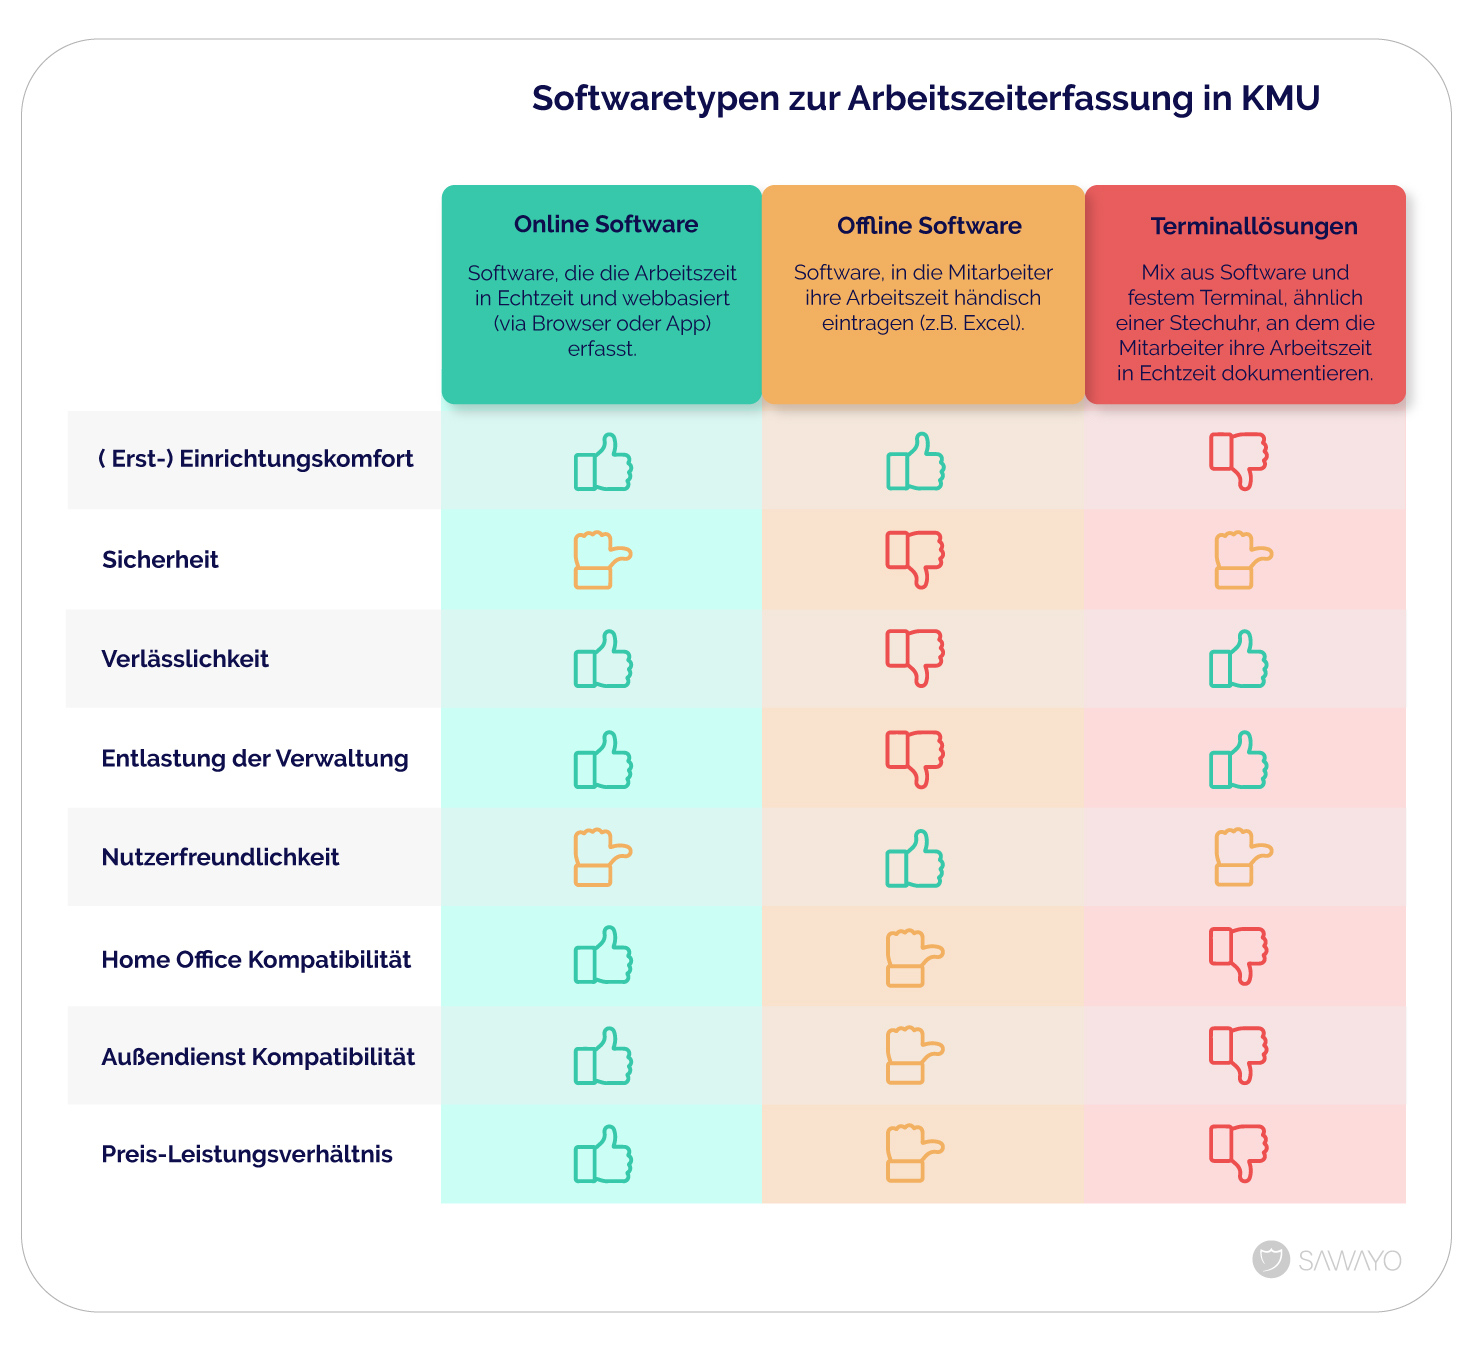 Infografik zur Arbeitszeiterfassung in KMU